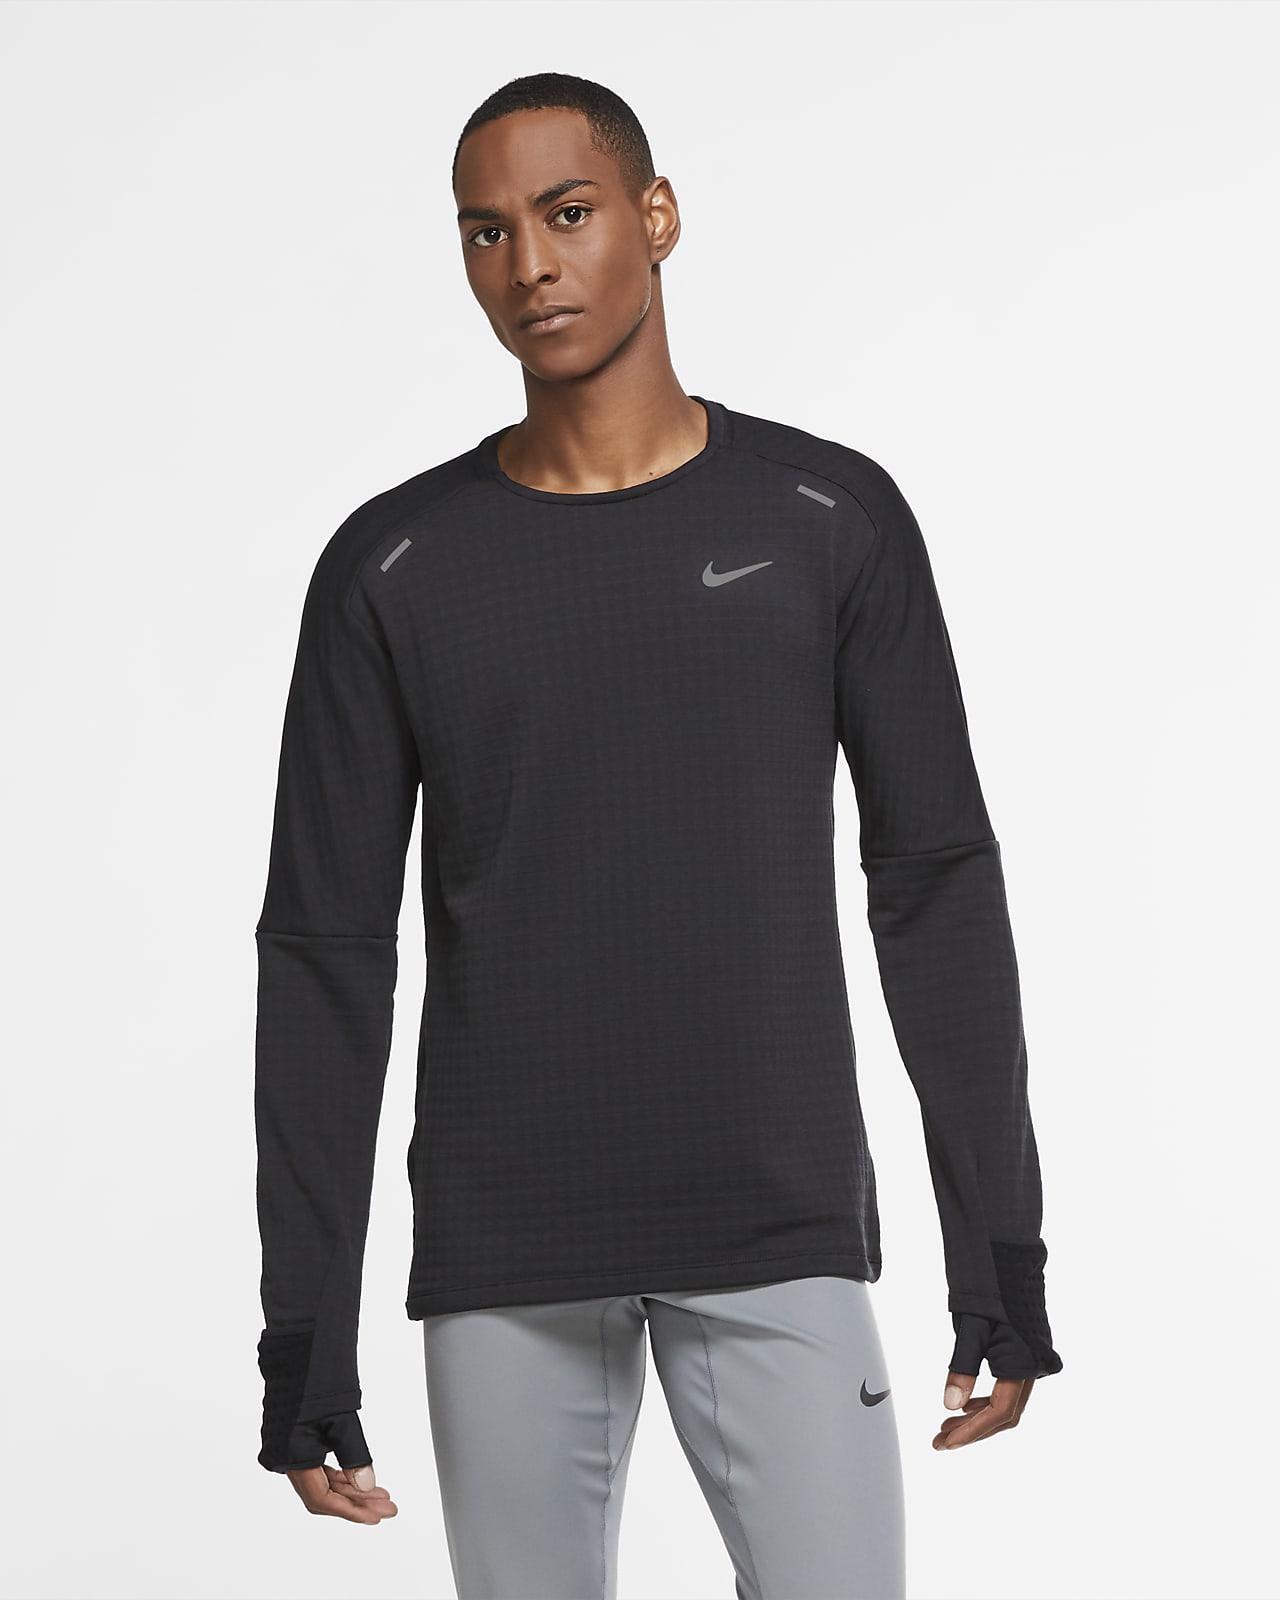 Męska bluza do biegania z półokrągłym dekoltem Nike Sphere